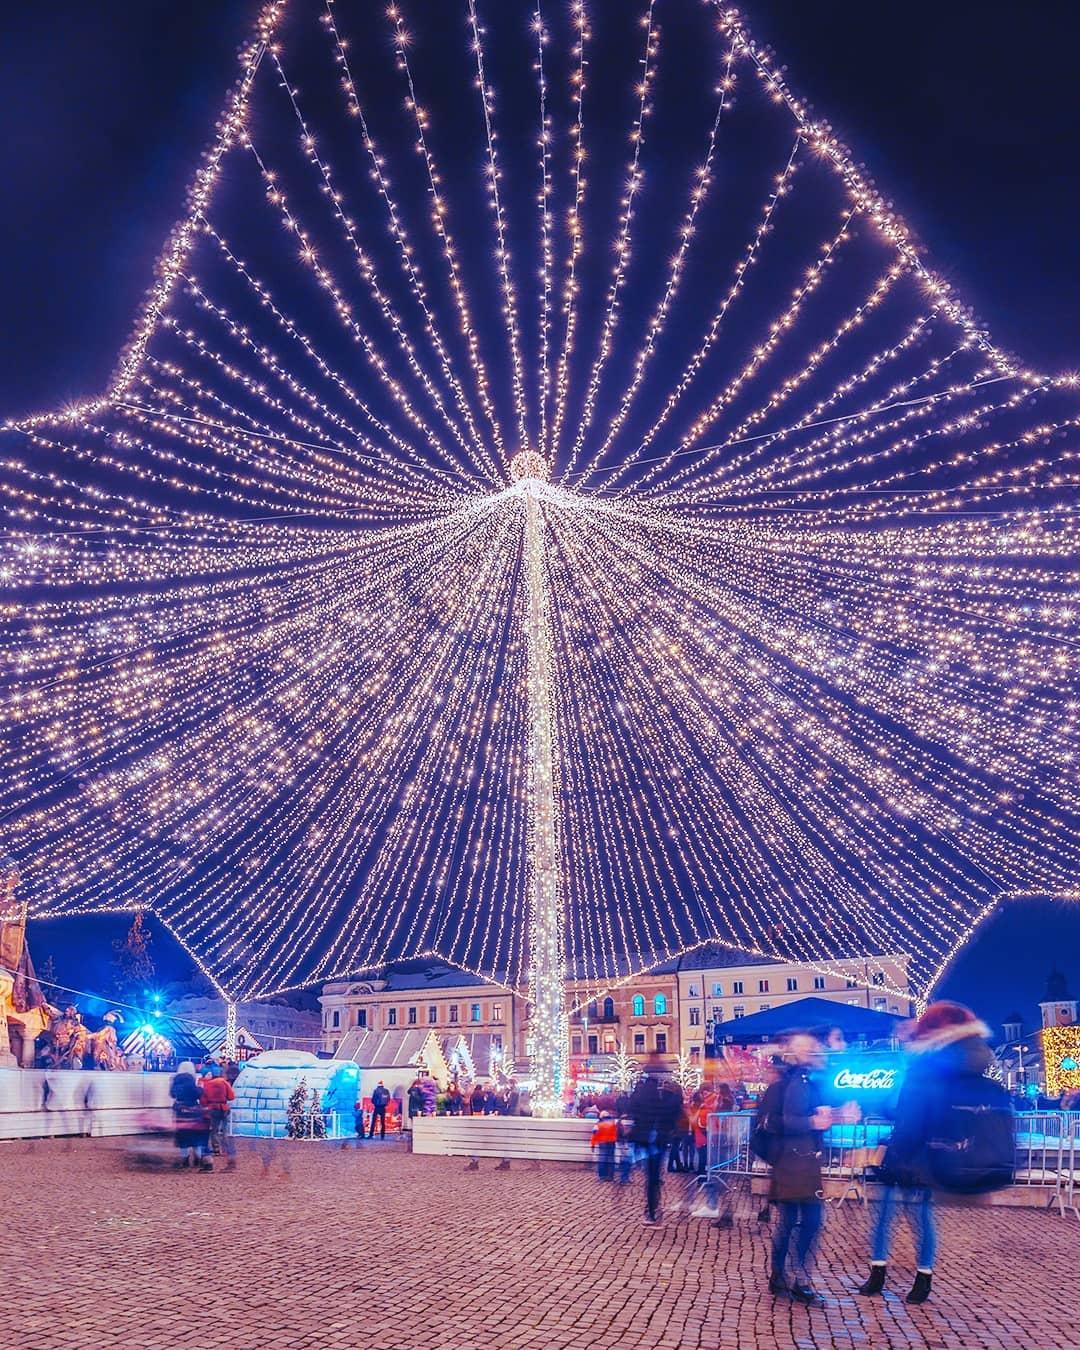 gebealpar lights fotografii din decembrie 2019